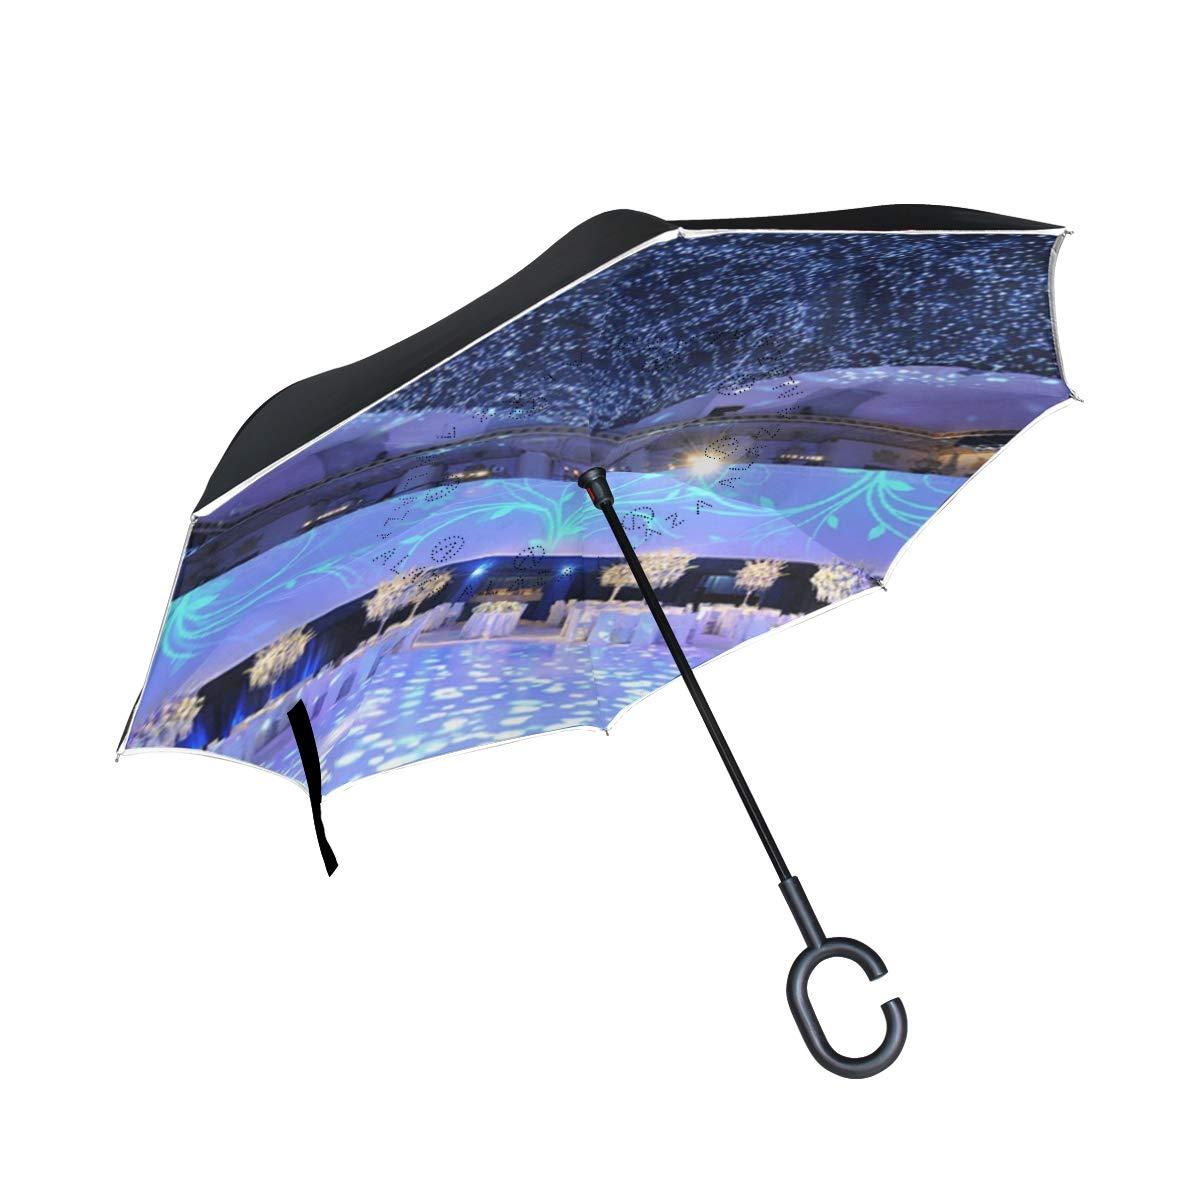 All agree 逆傘 星月夜 キラキラ反転傘 リバーシブル ゴルフ 車 旅行 雨 アウトドア ブラック One Size カラー6 B07HQJJL57